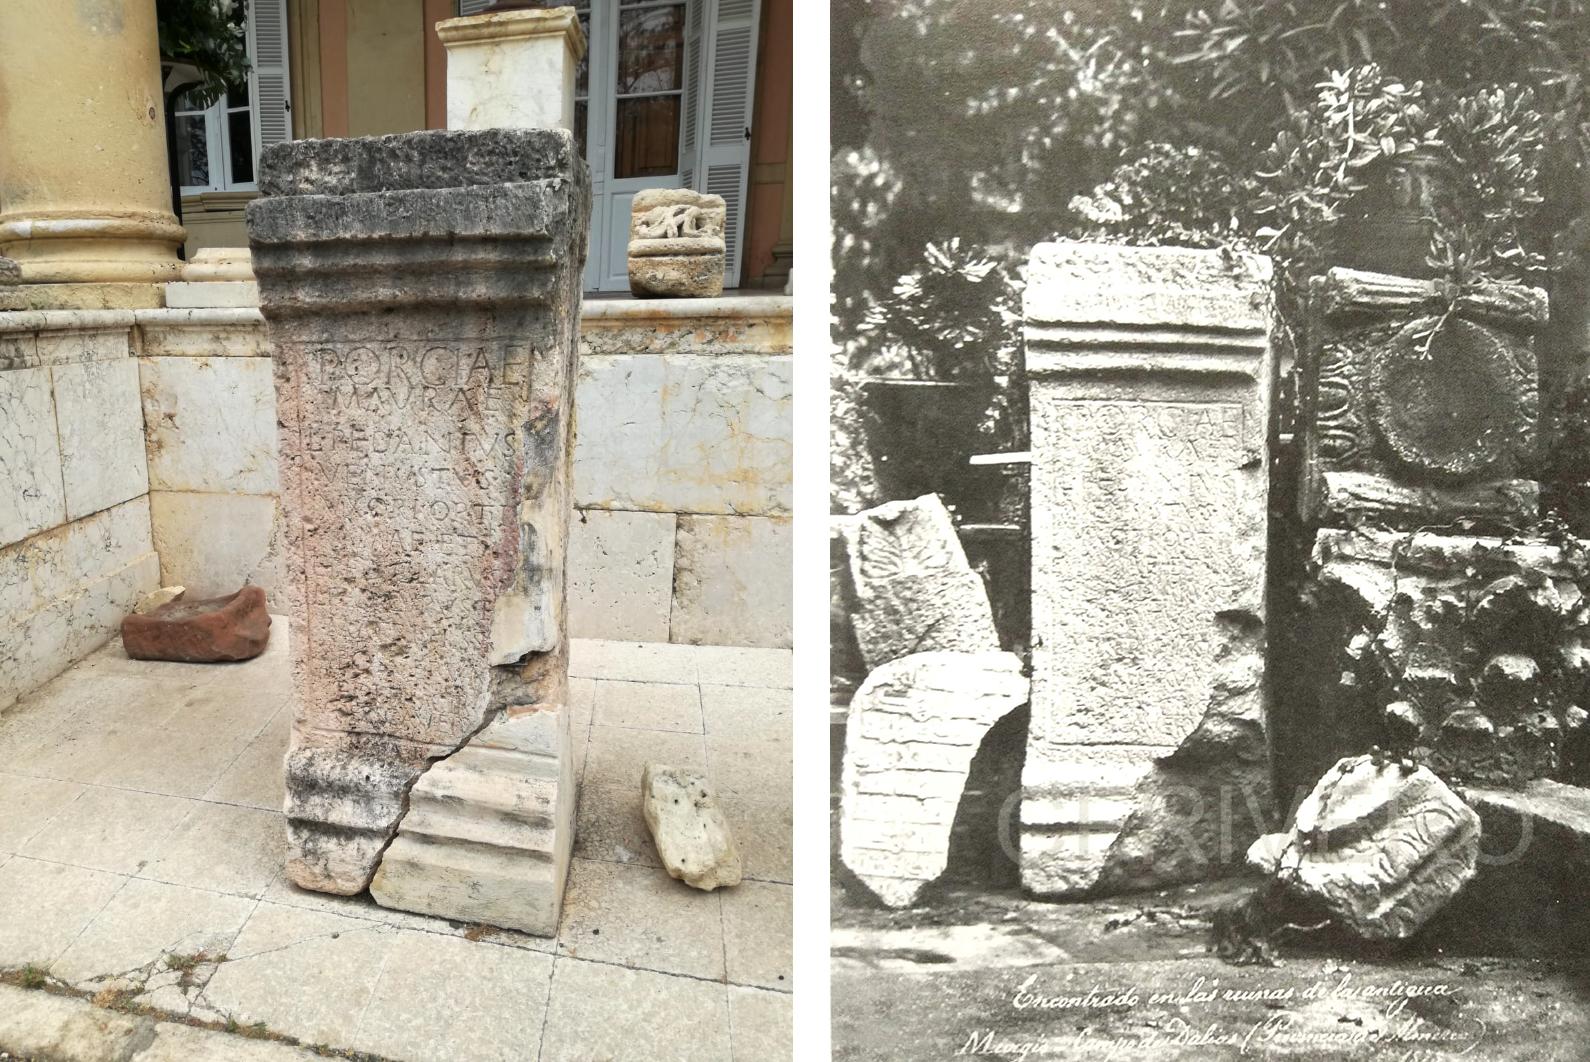 pedestal-romano-porcia-maura-murgi